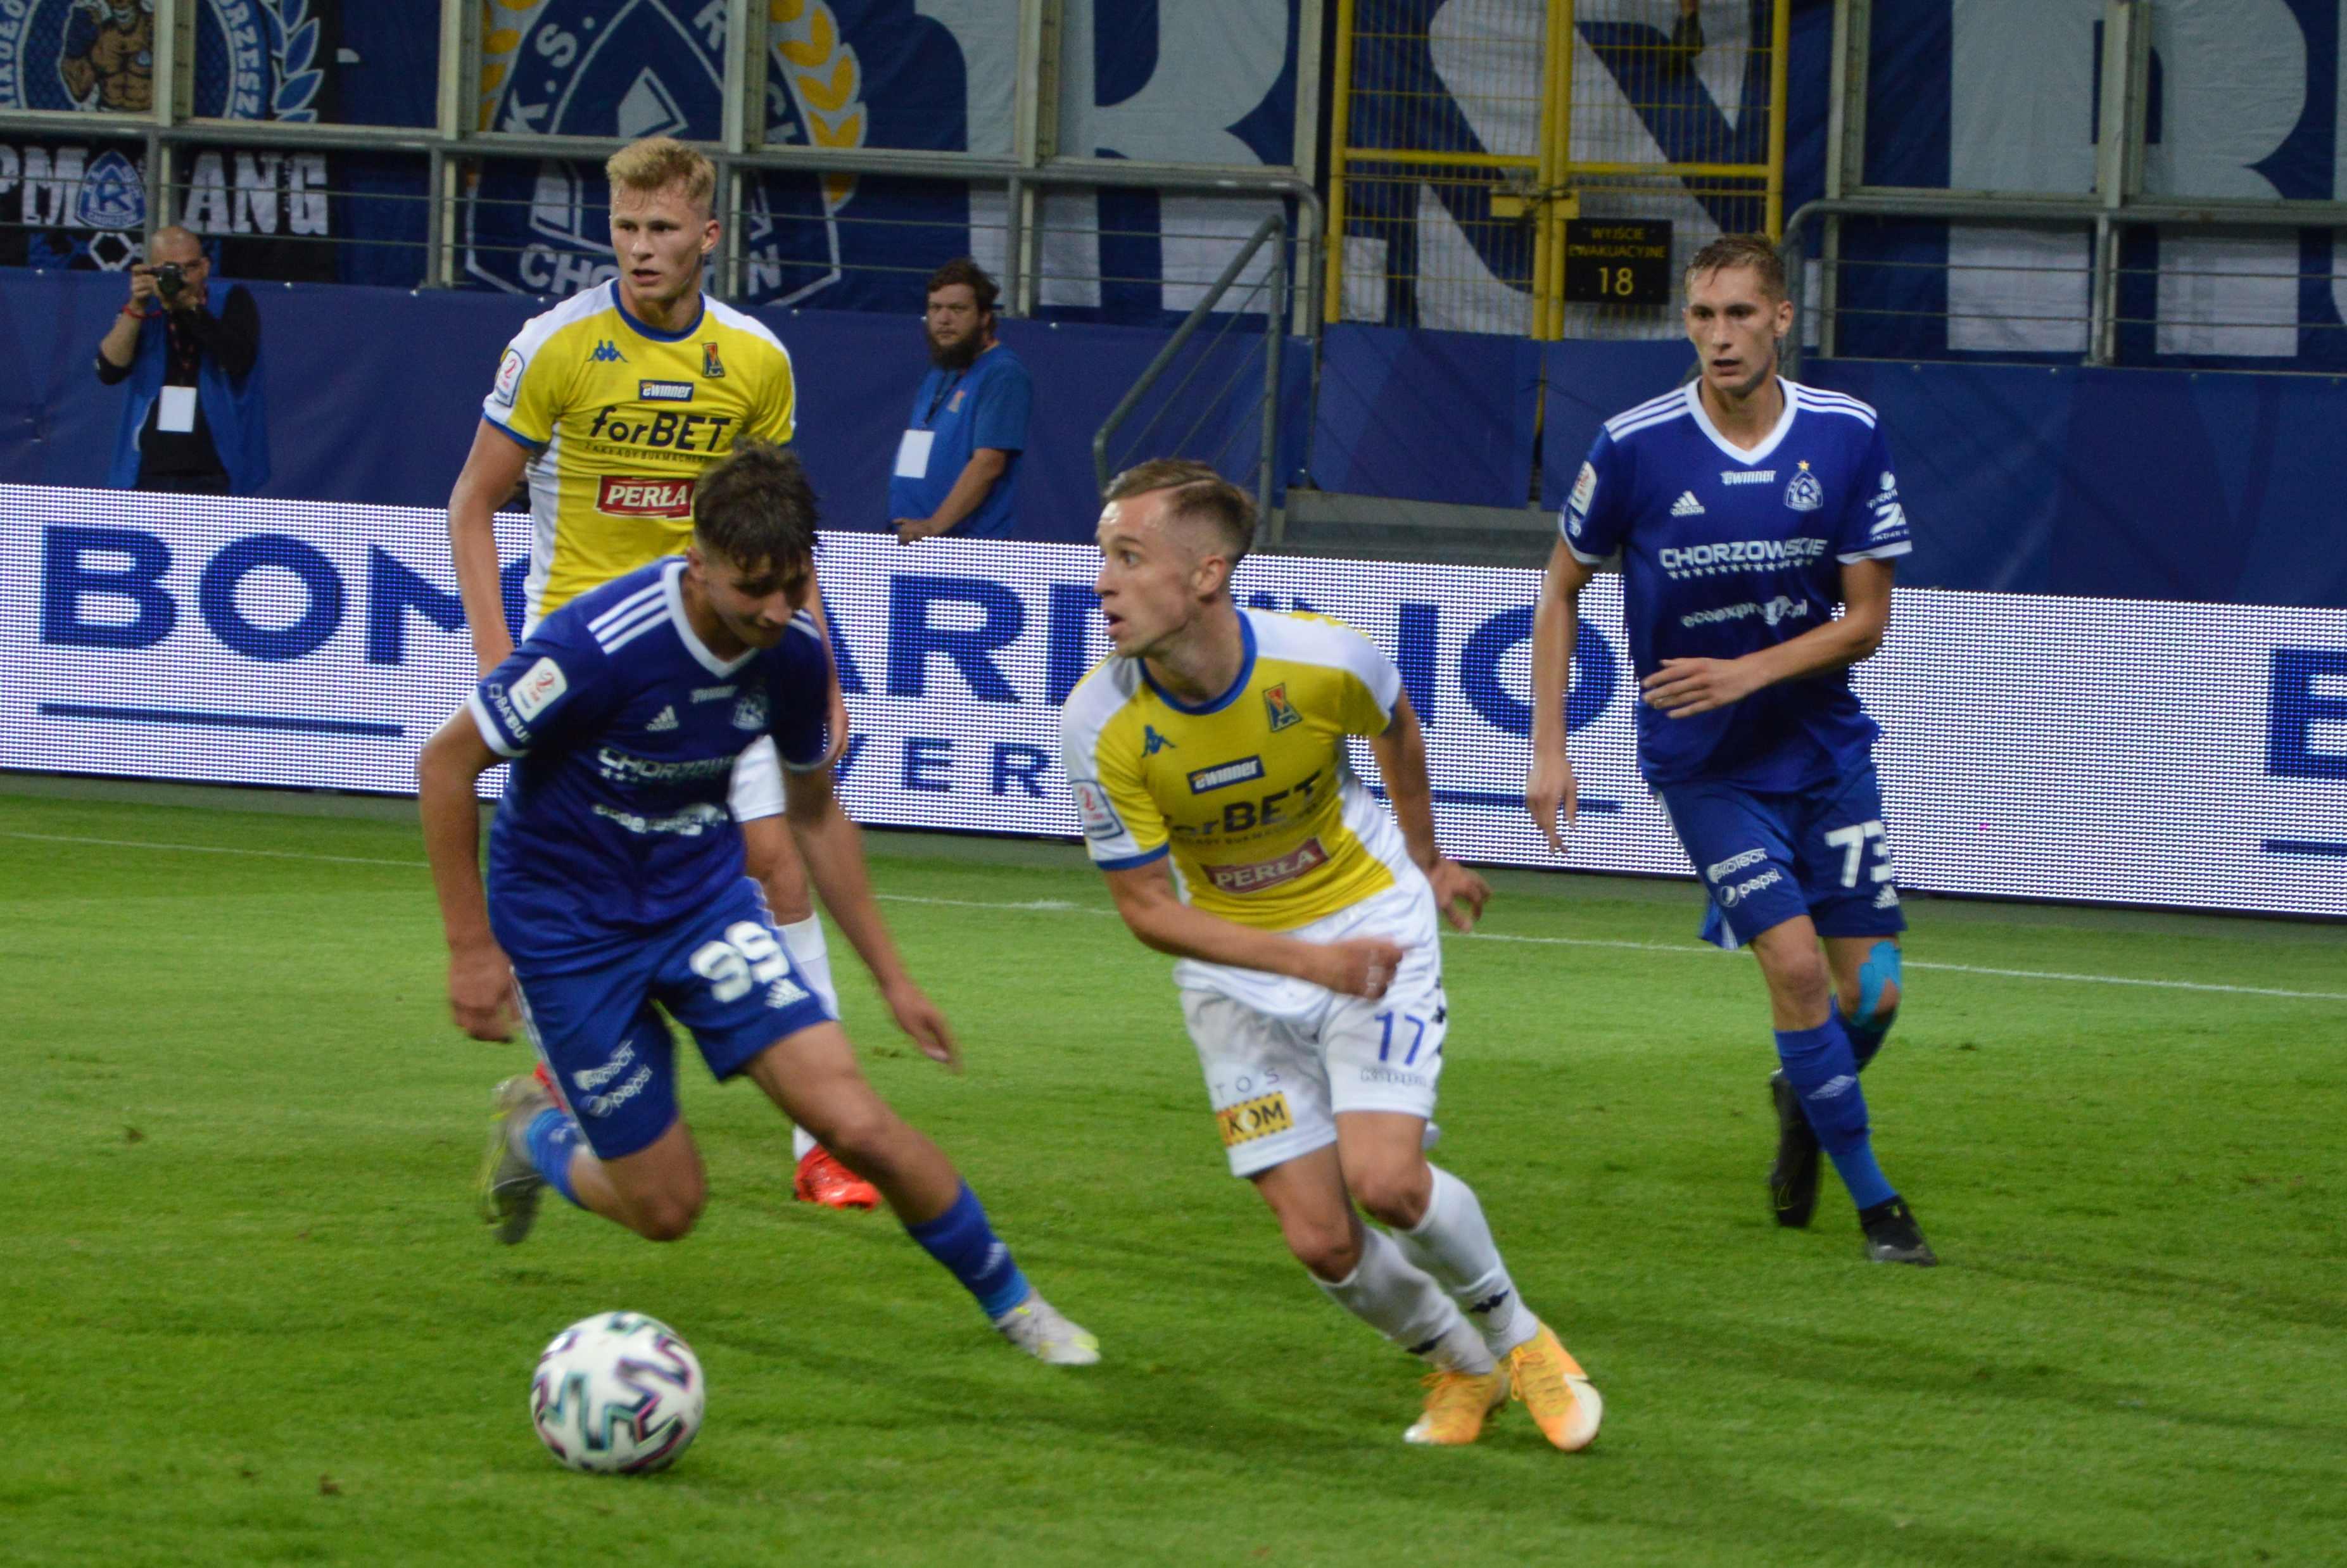 Motor Lublin - Ruch Chorzów 1:2. Przegrane piłkarskie święto na Arenie Lublin - Zdjęcie główne